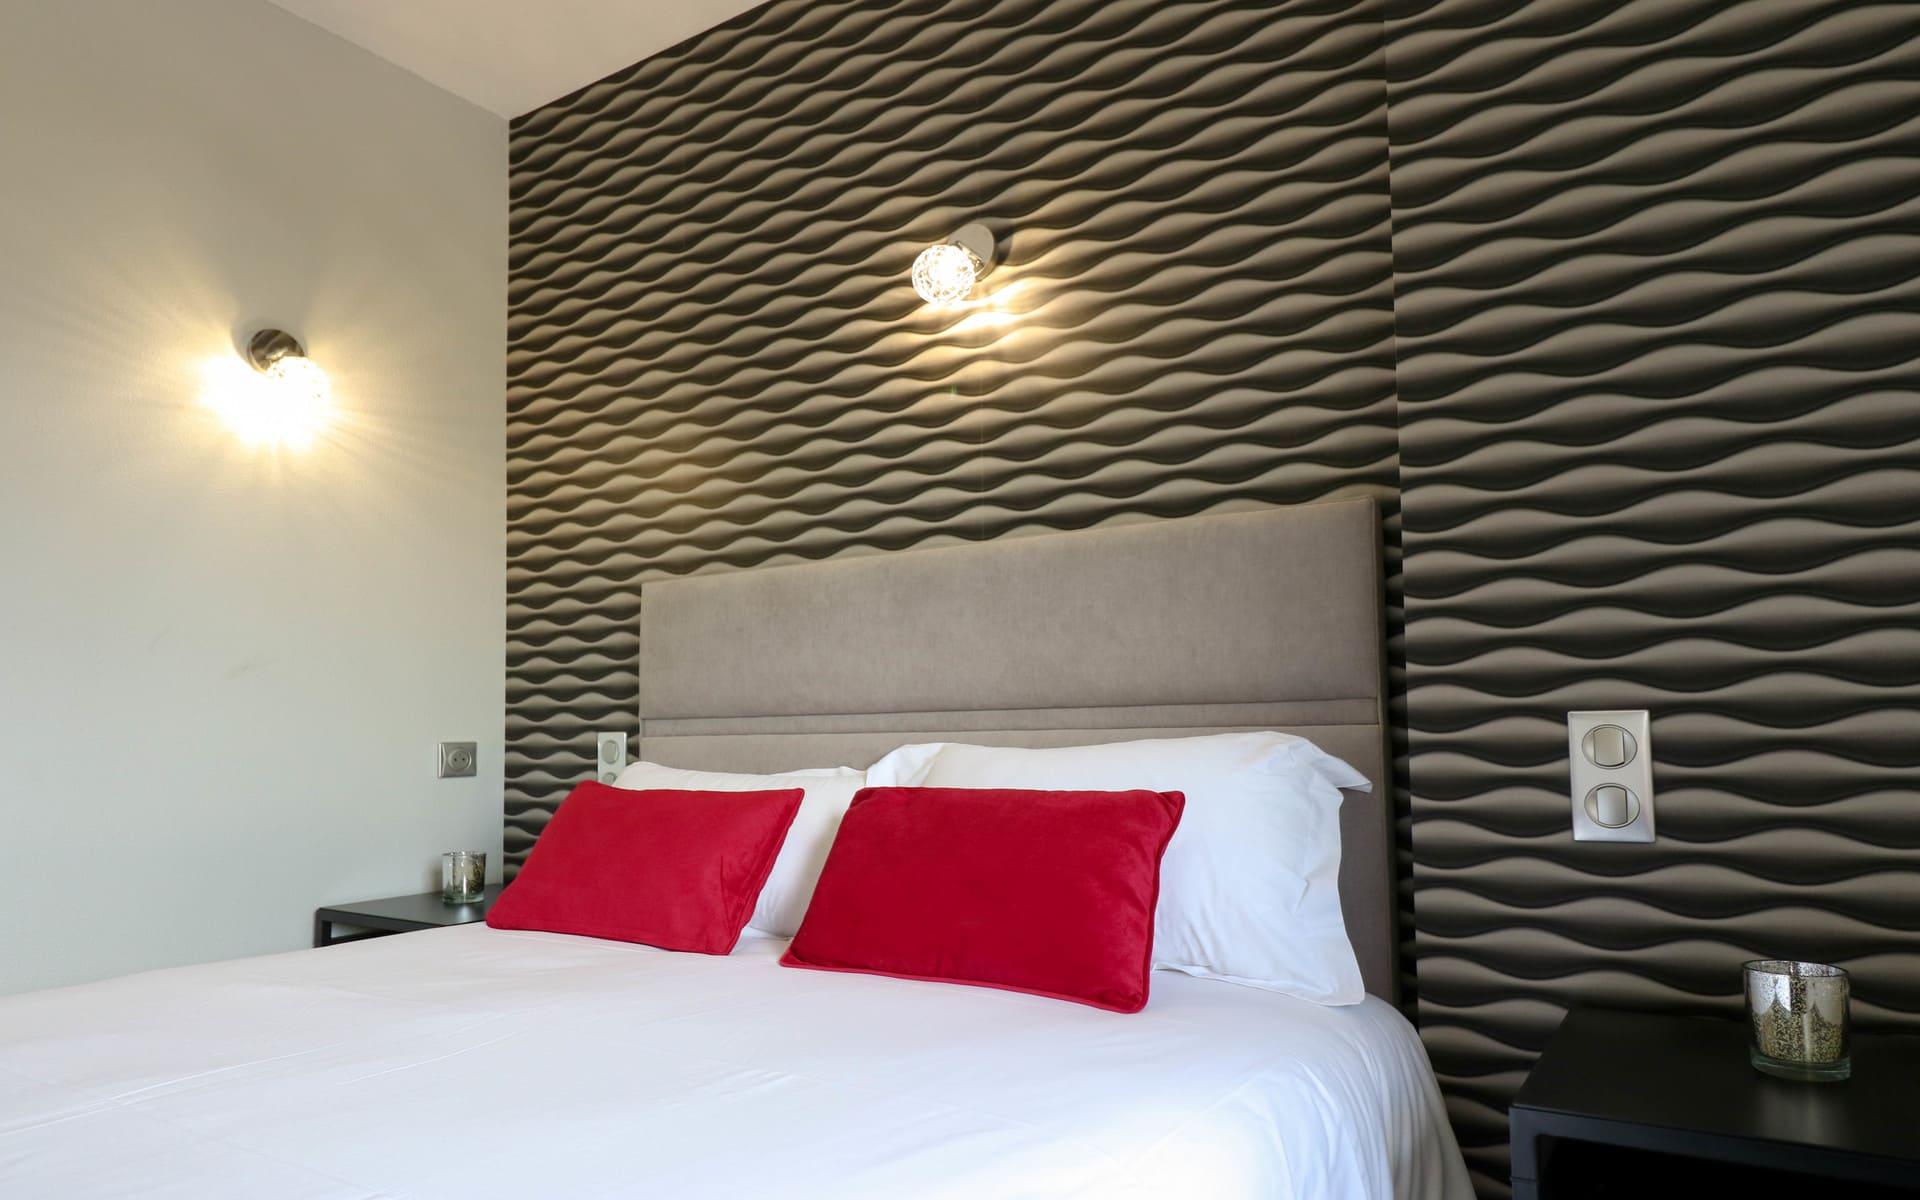 Chambres double cosy - Hôtel 3 étoiles aéroport Rennes